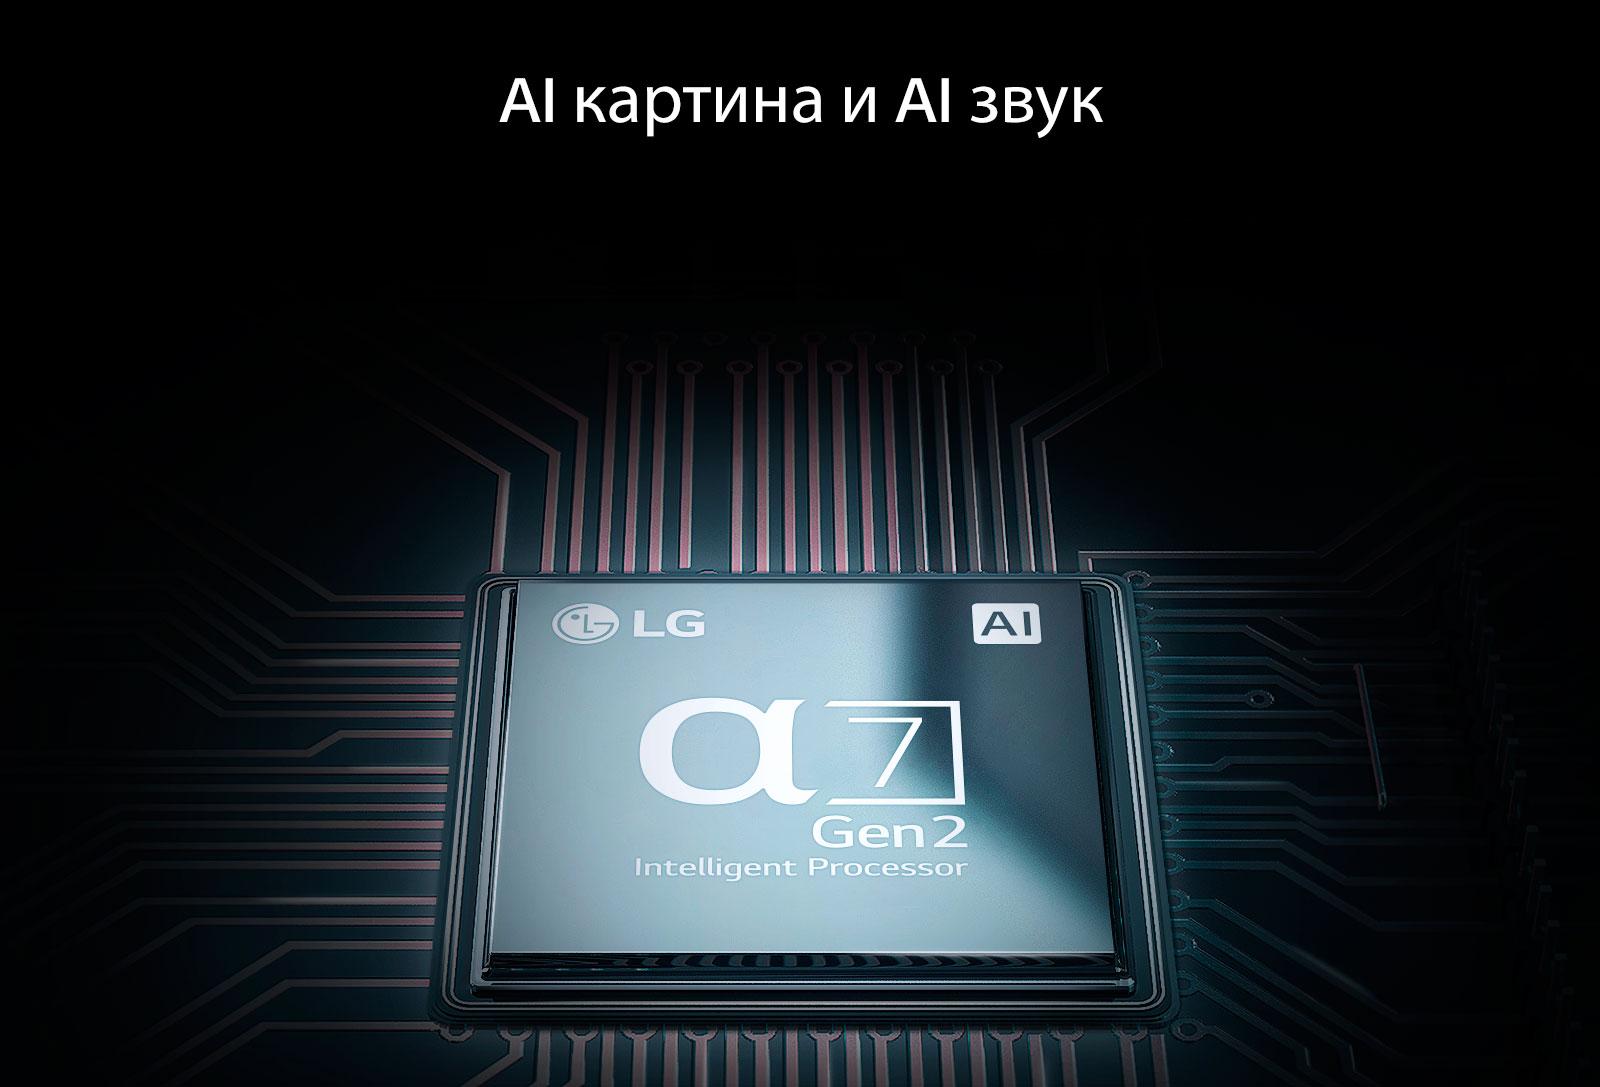 Более реалистично с AI1